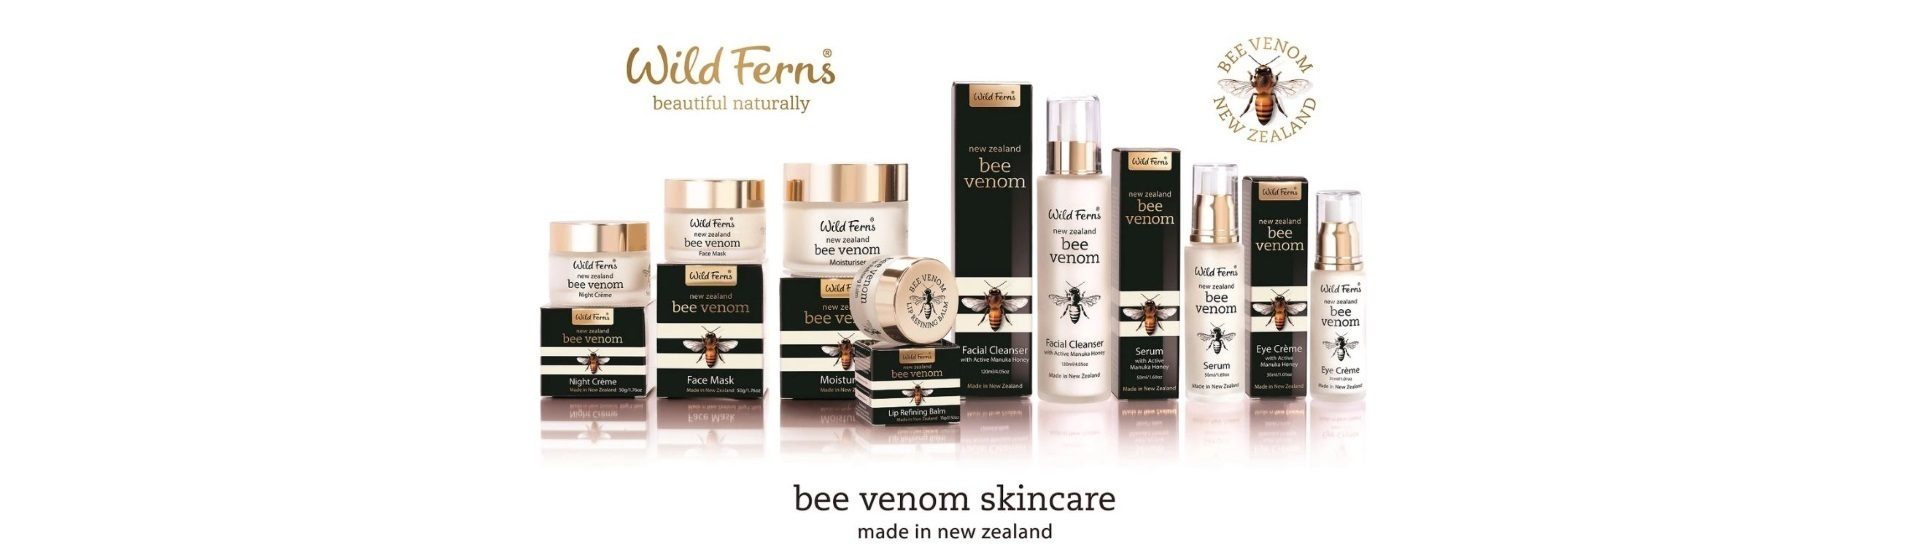 kosmetyki z jadem pszczelim